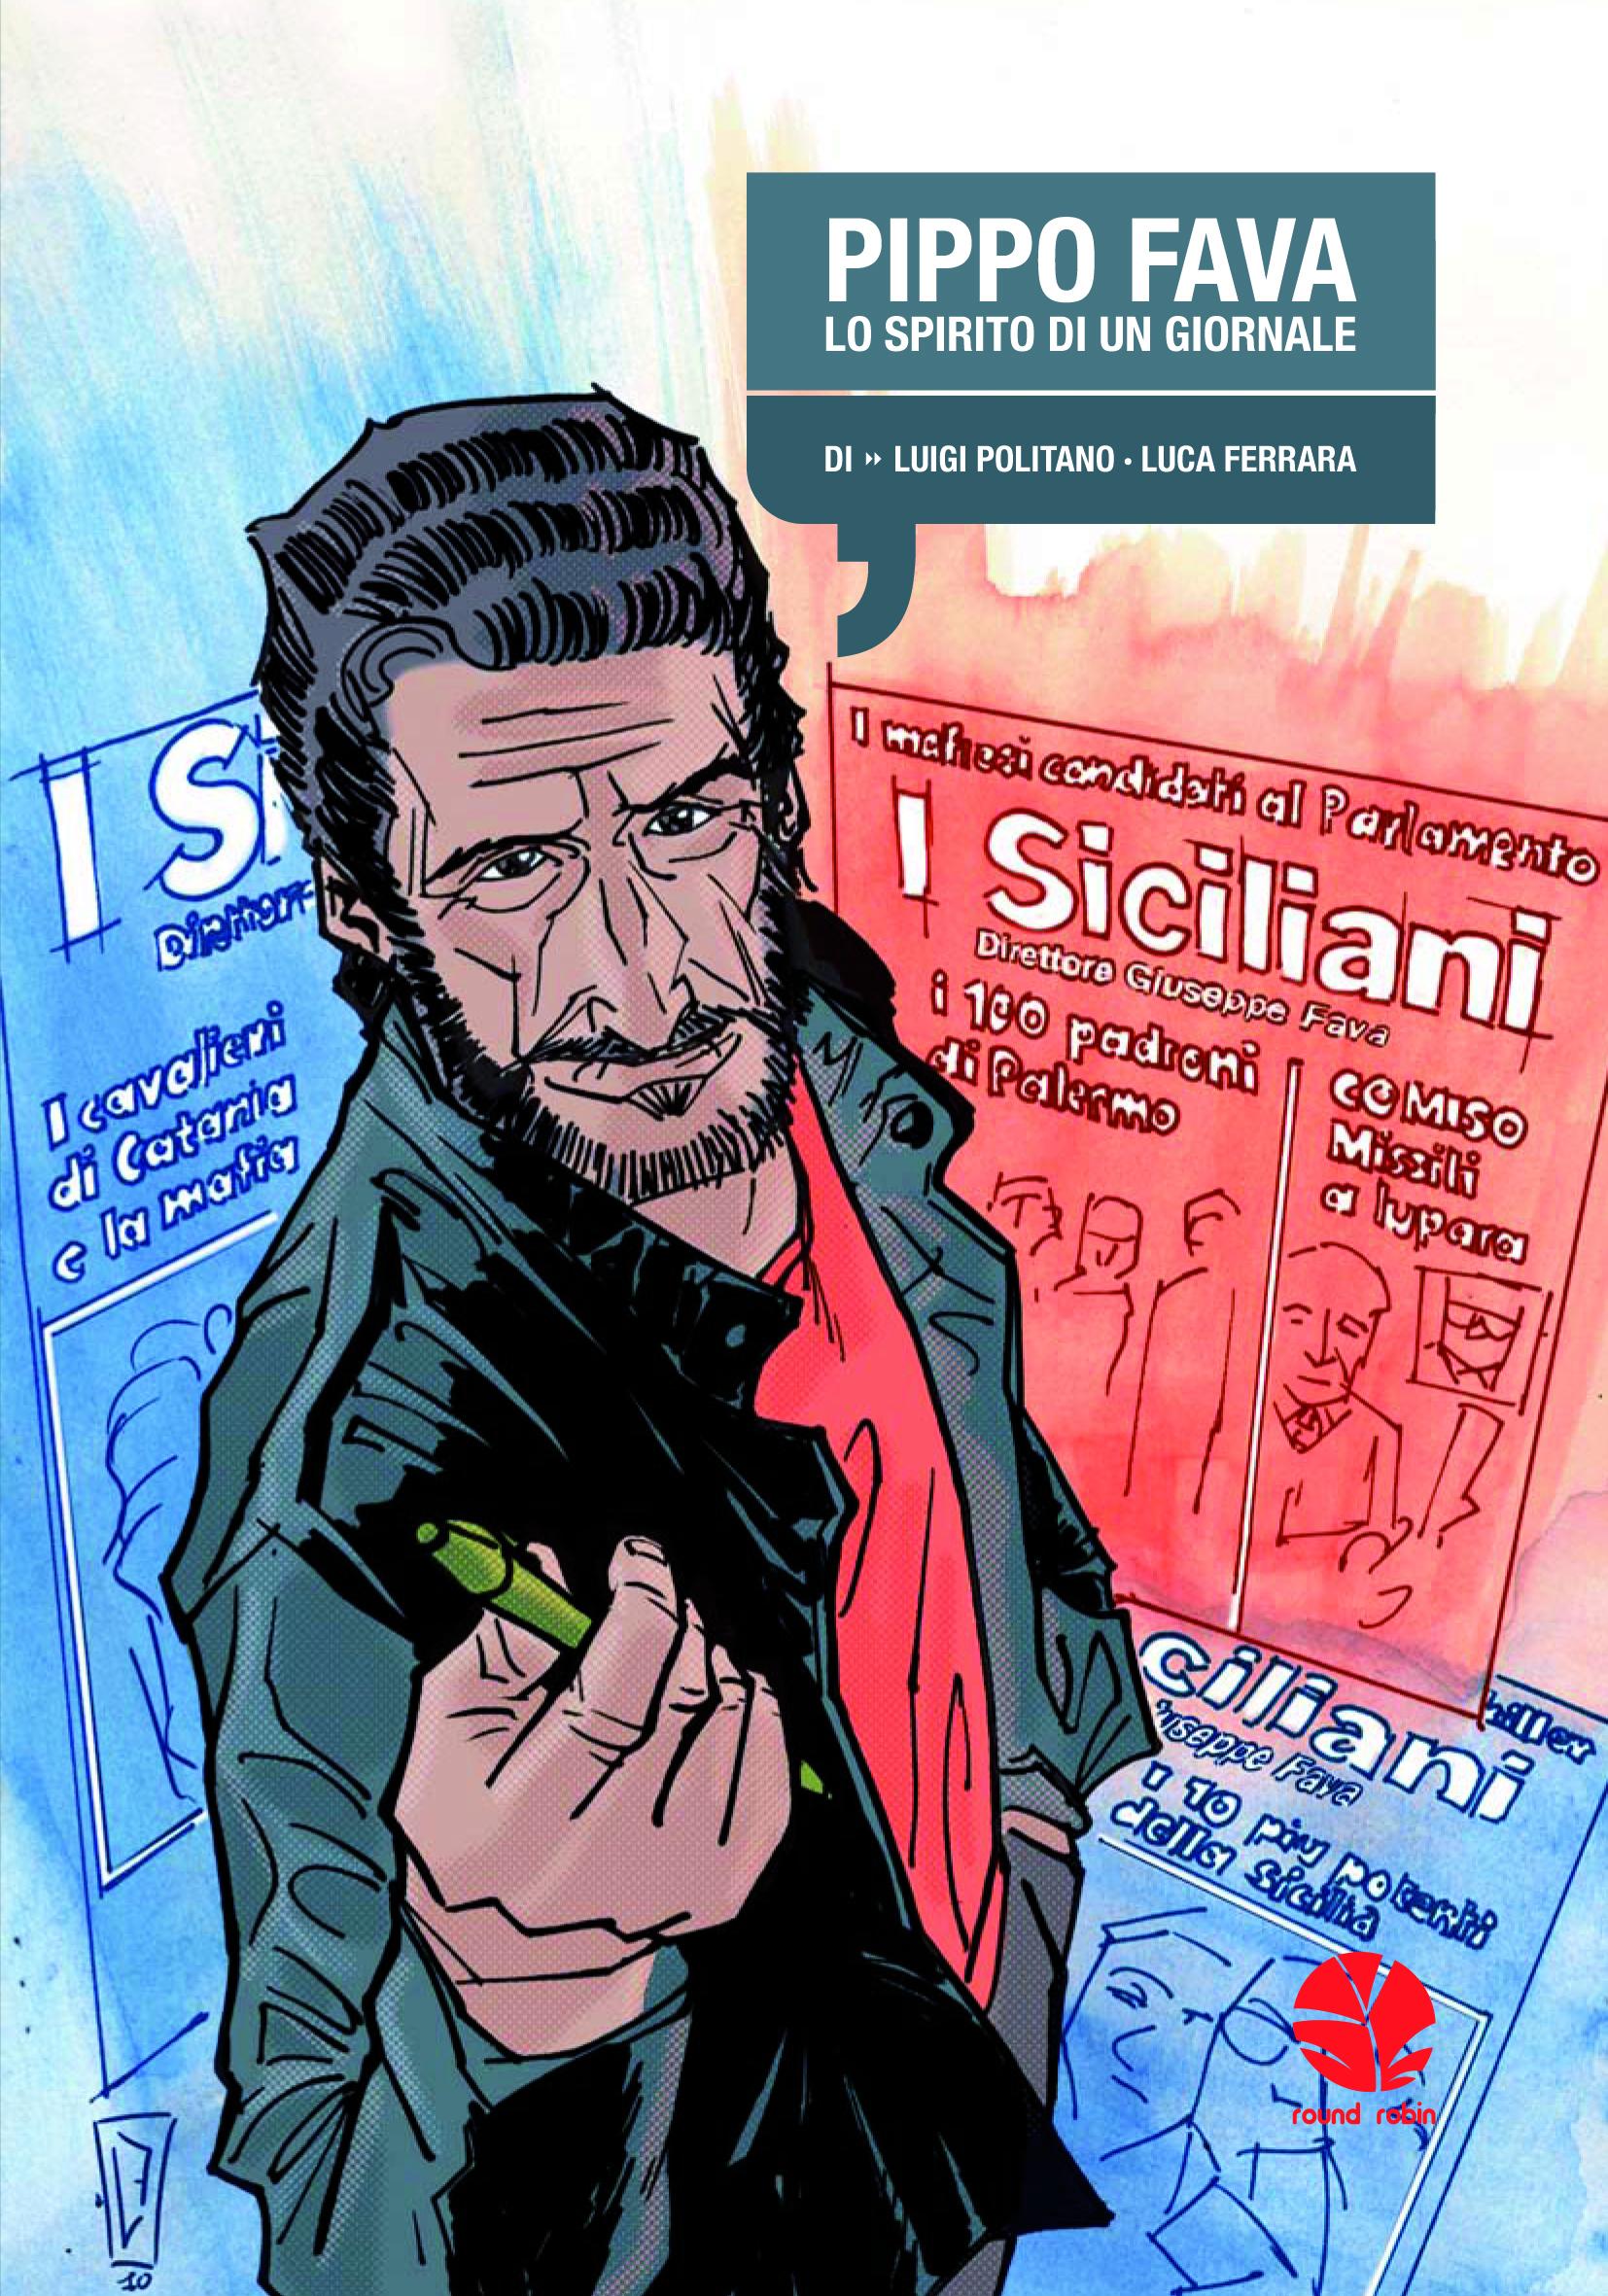 copertina_pippo fava.ai